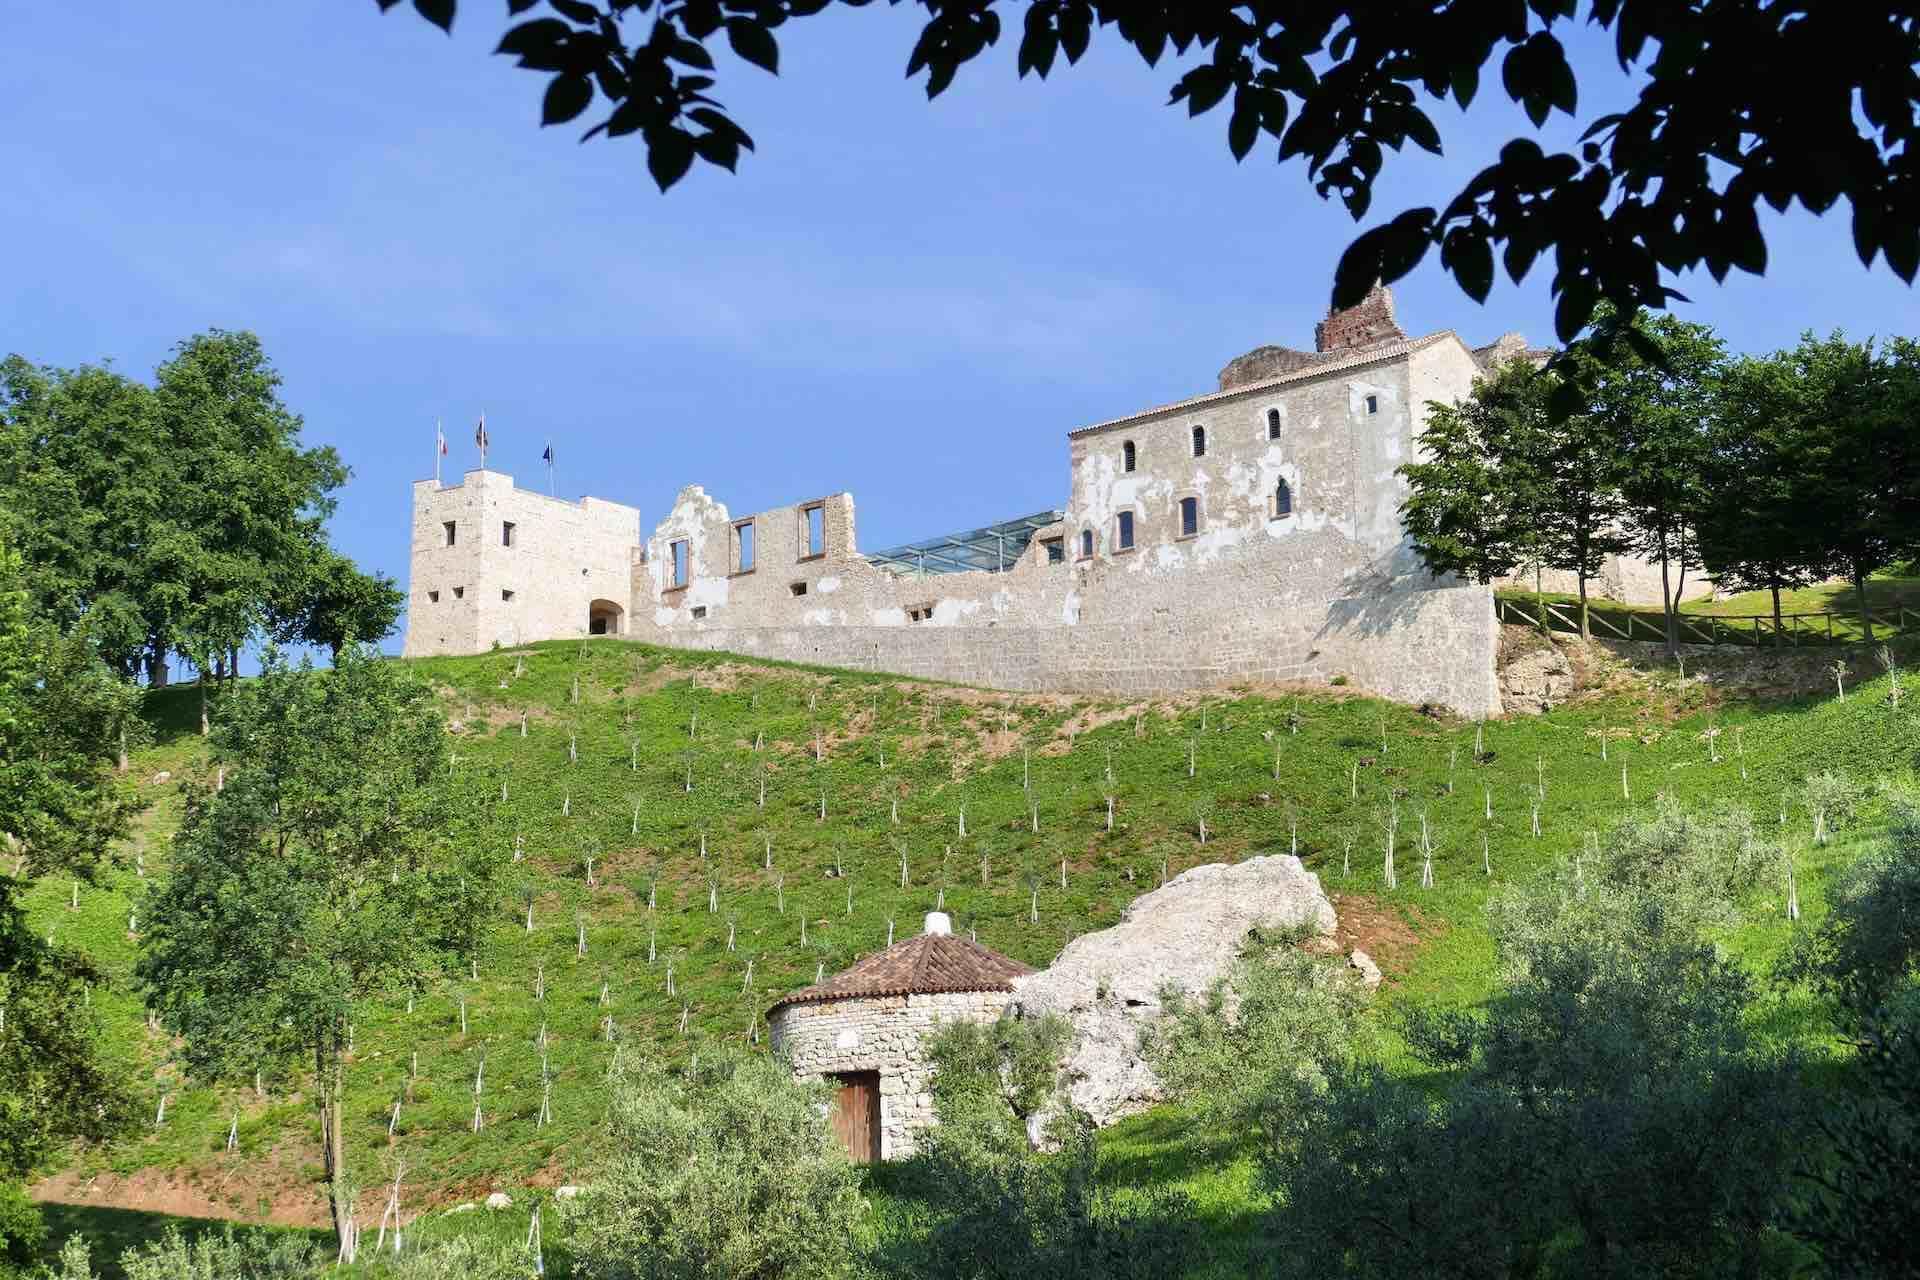 Nervesa della Battaglia in Treviso ospita l'abbazia di Sant'Eustachio, visita obbligata durante le vacanze sulle Colline del Prosecco in Veneto